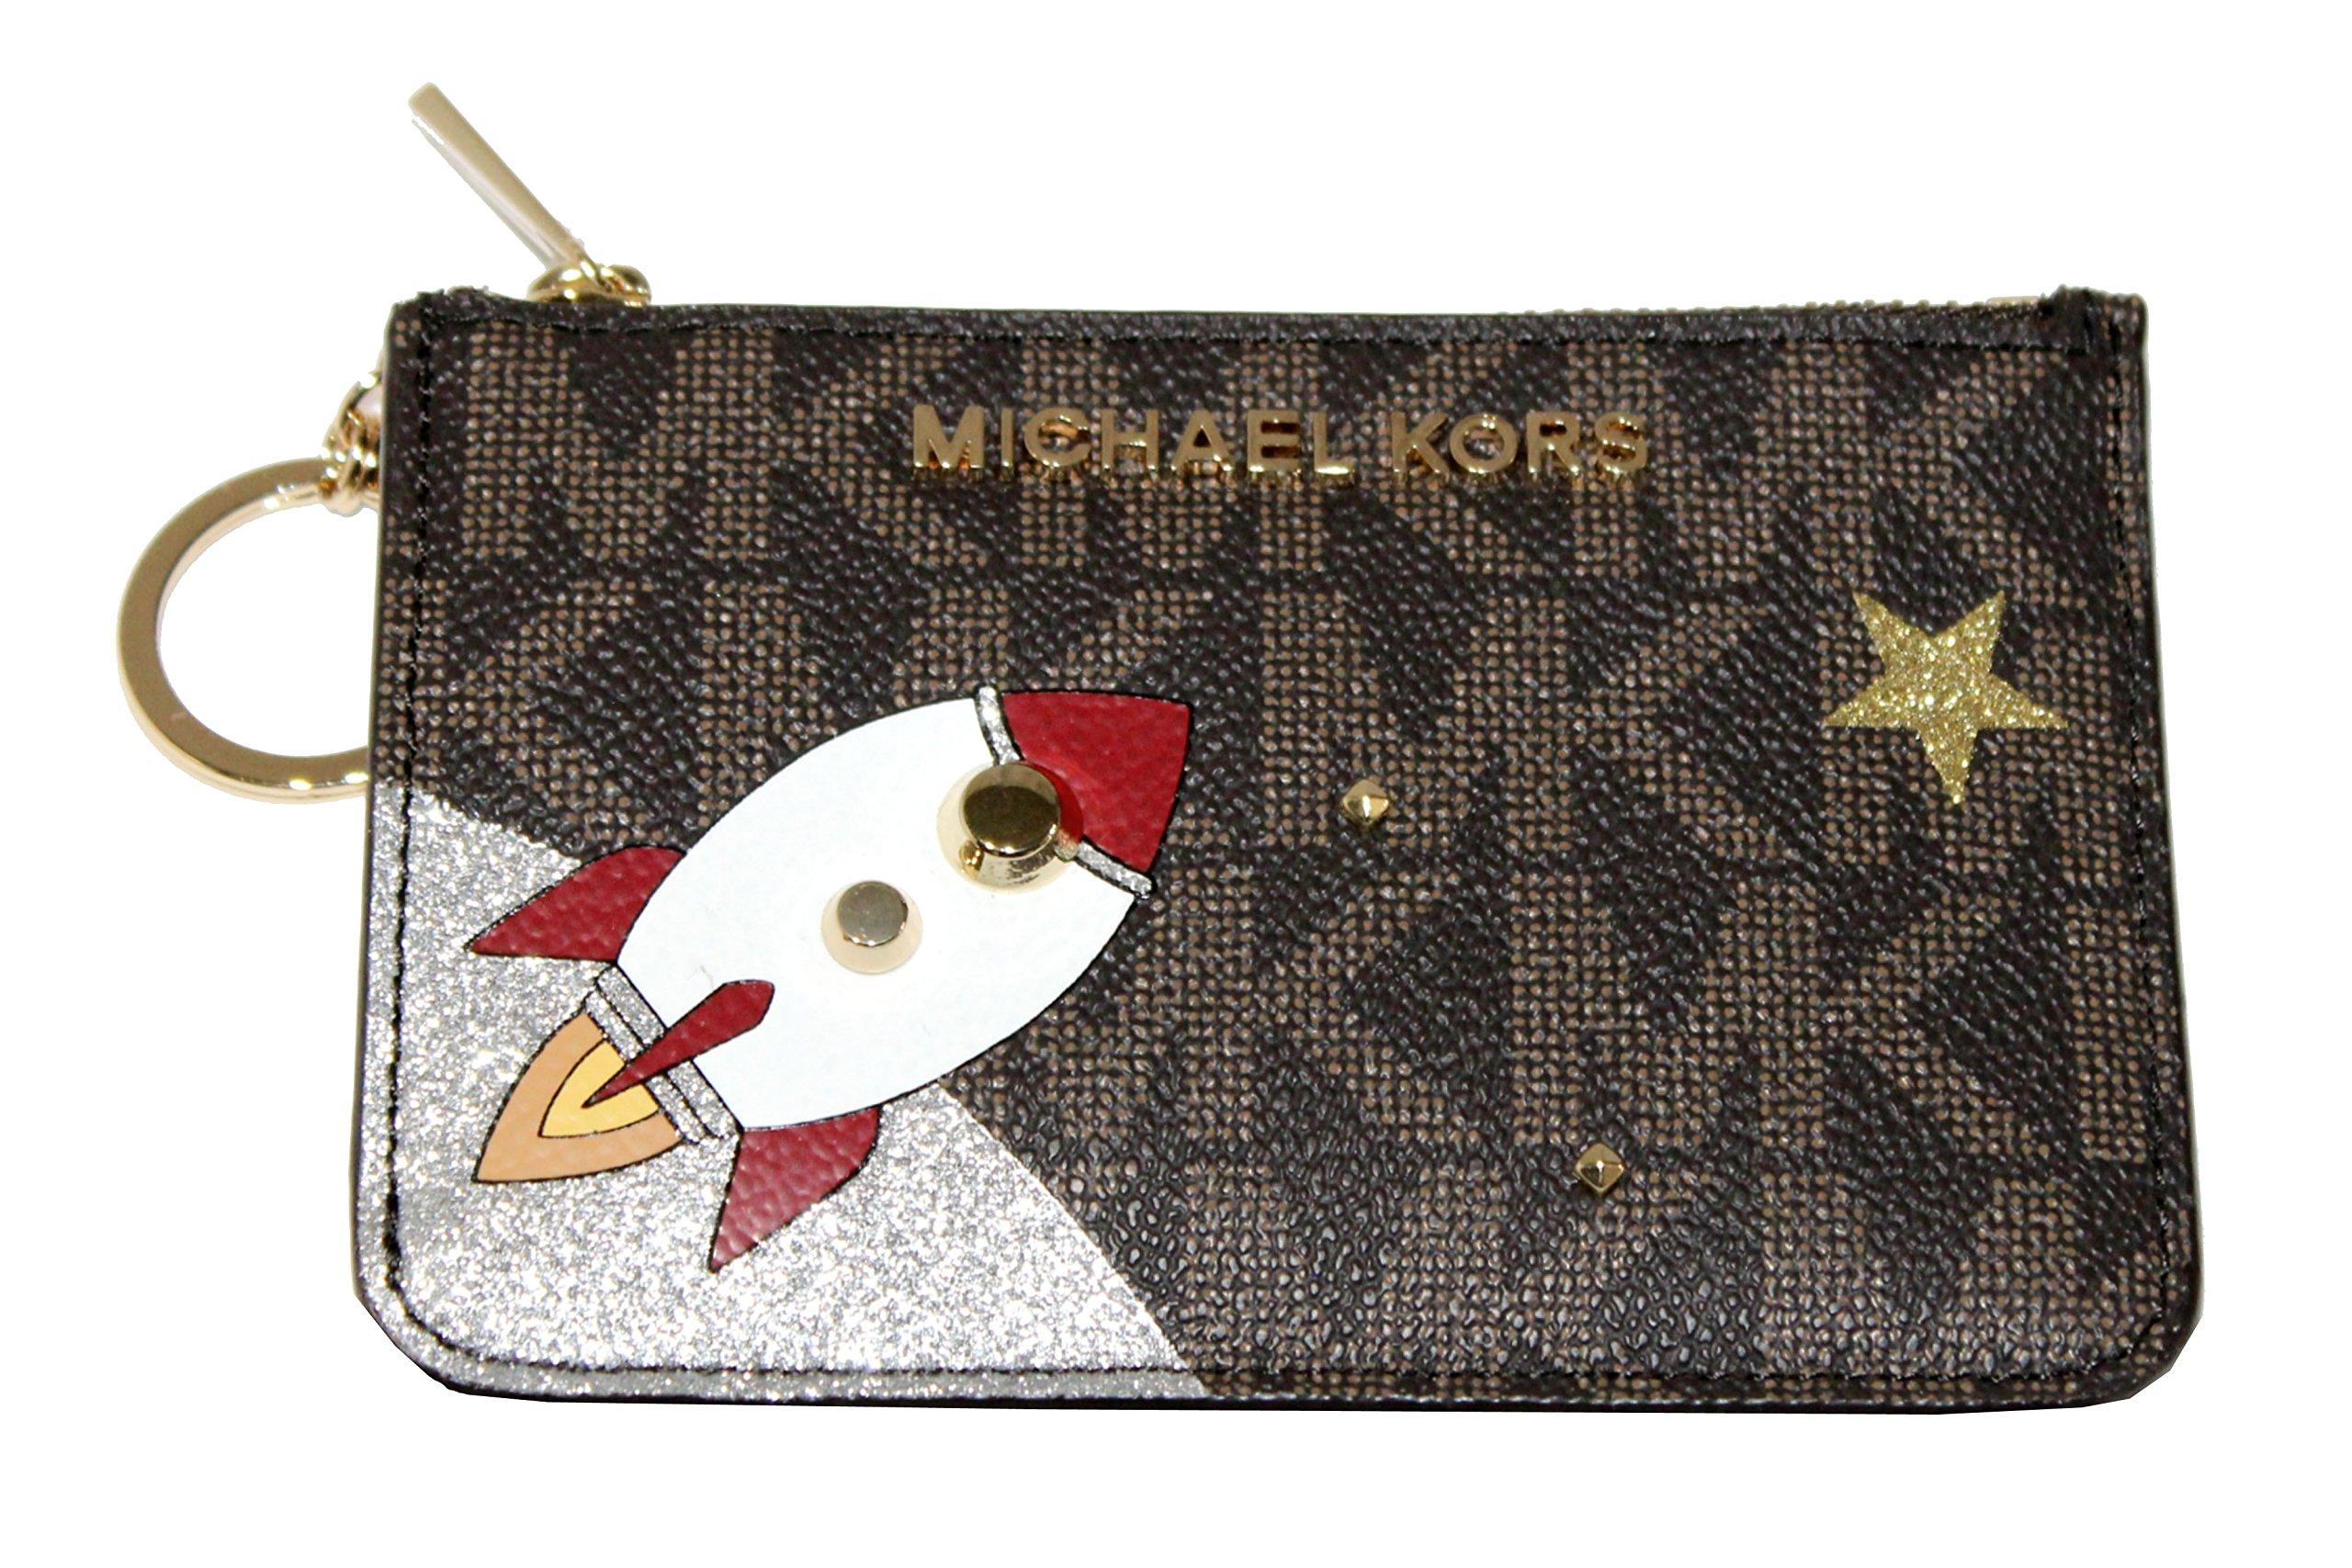 MICHAEL Michael Kors Women's Jet Set Item Small Top Zip ID Case Wallet (Brown/Gold)